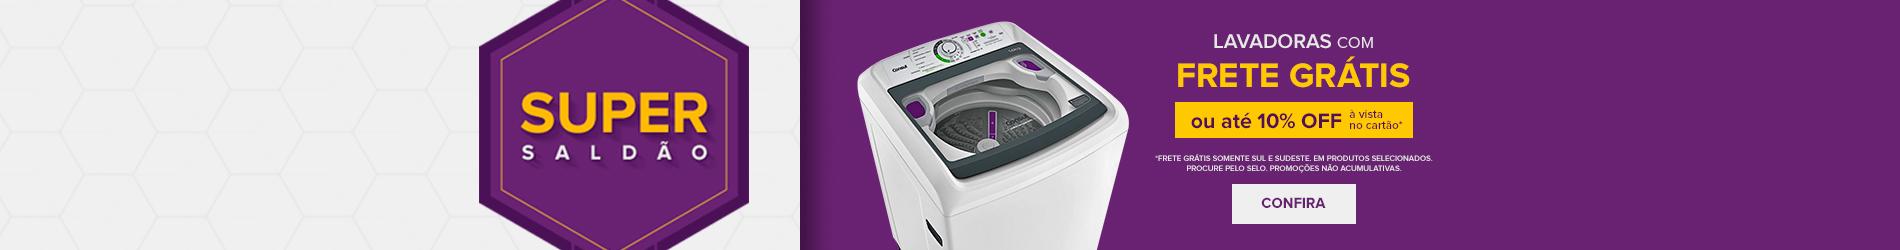 Promoção Interna - 1762 - camp-supersale_lavadoras_26072017_home5 - lavadoras - 5